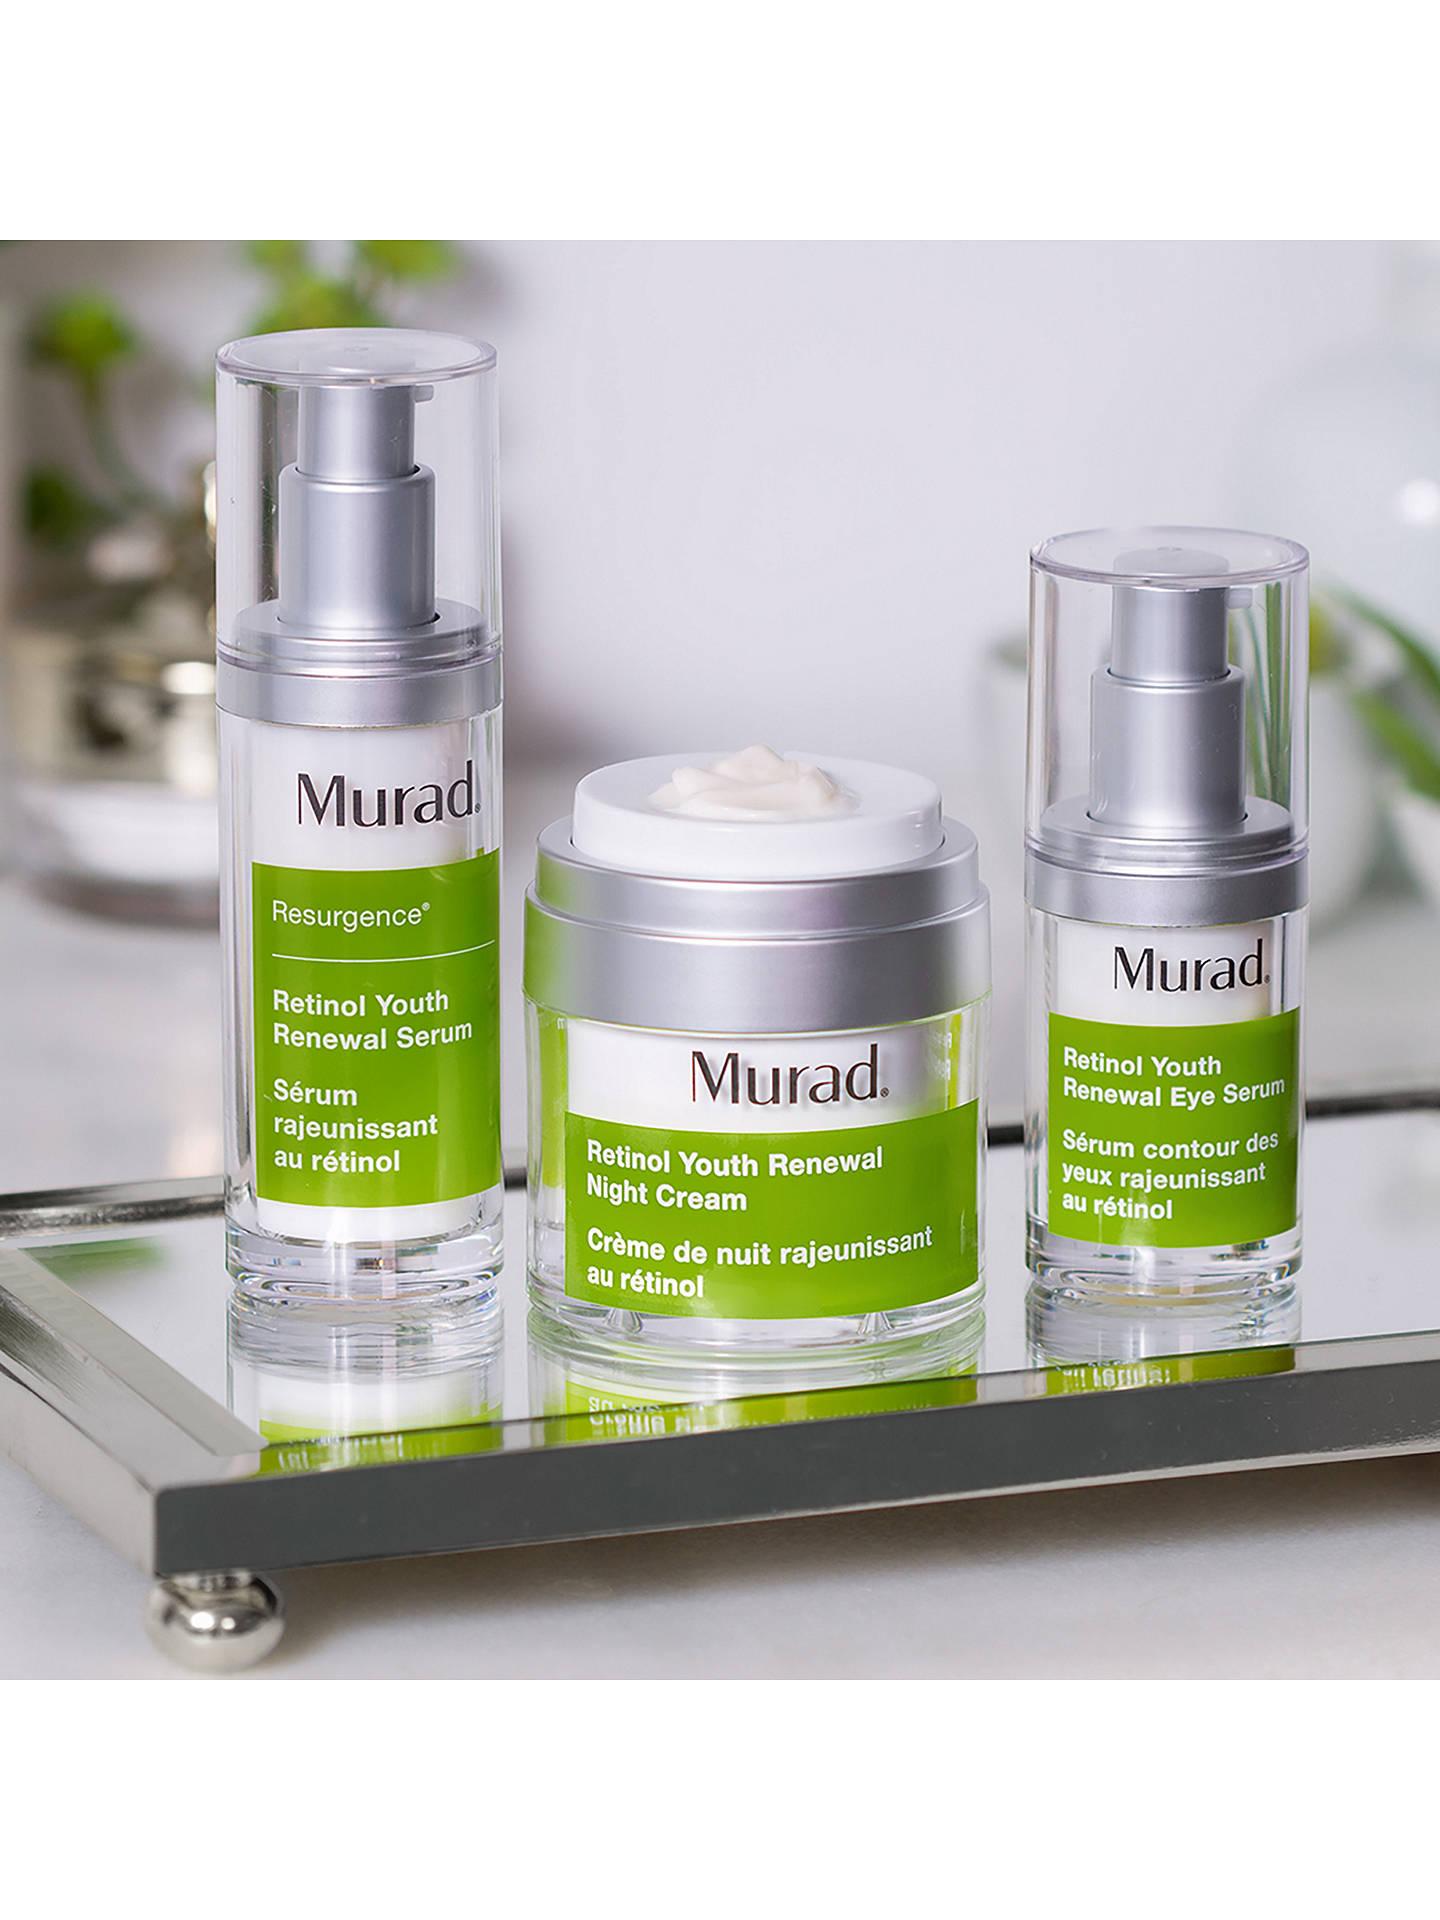 Murad Retinol Youth Renewal Serum 30ml Skincare Gift Set